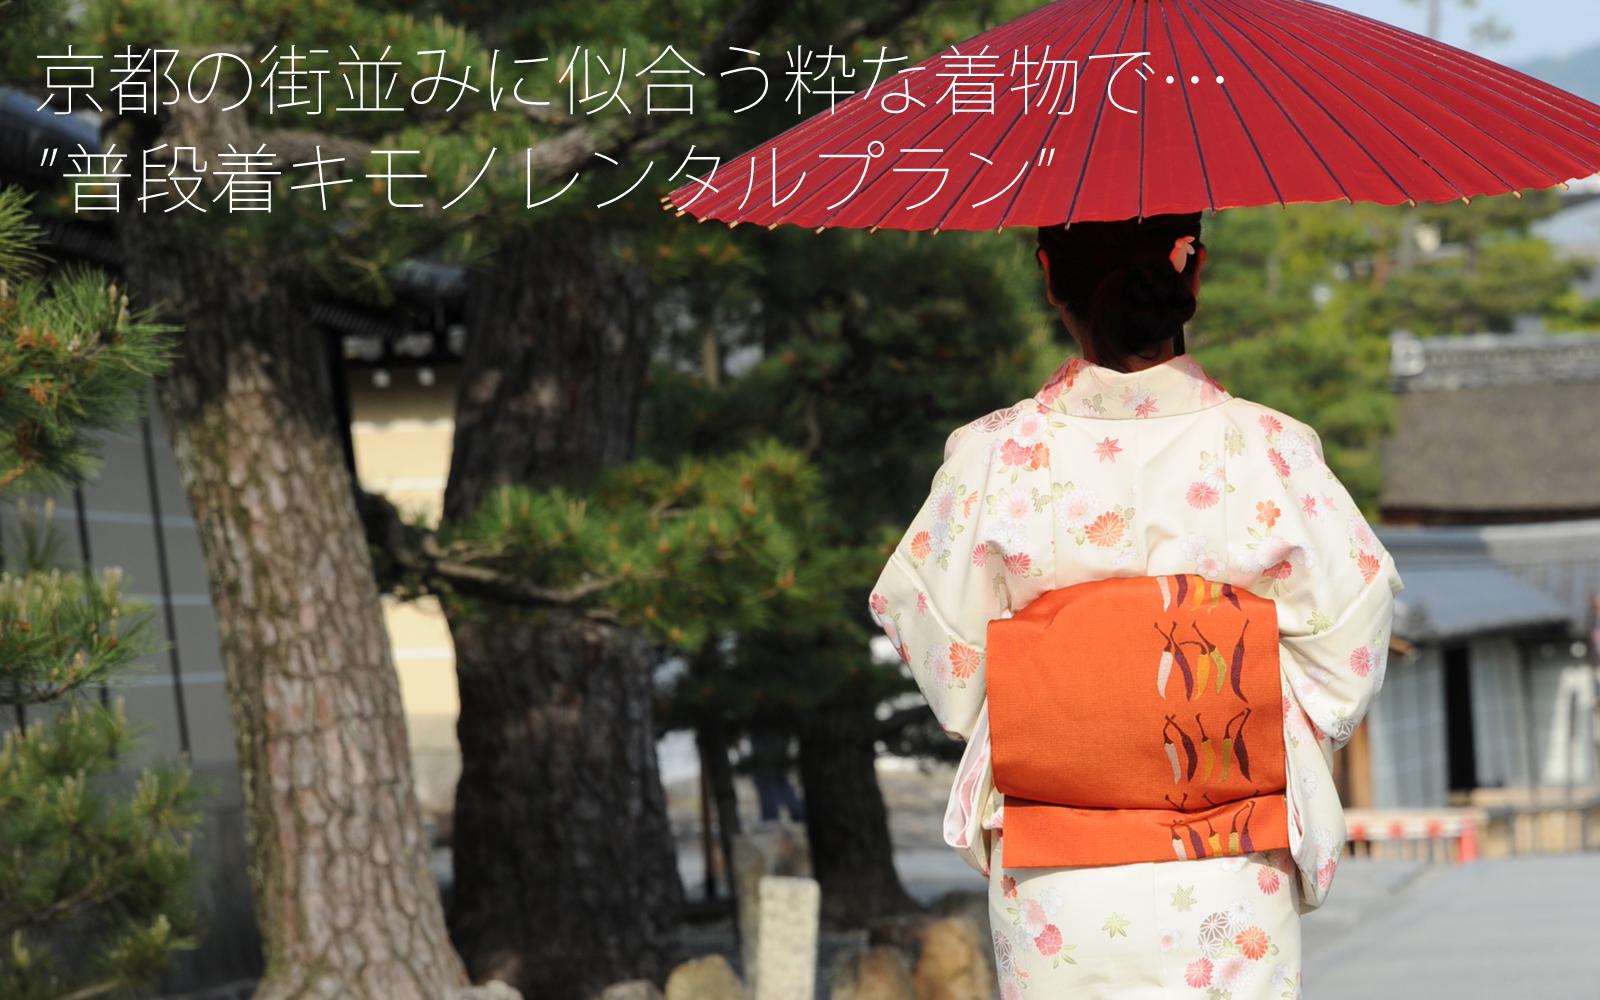 京都の街並みに似合う粋な着物で観光散策「キモノレンタルプラン」